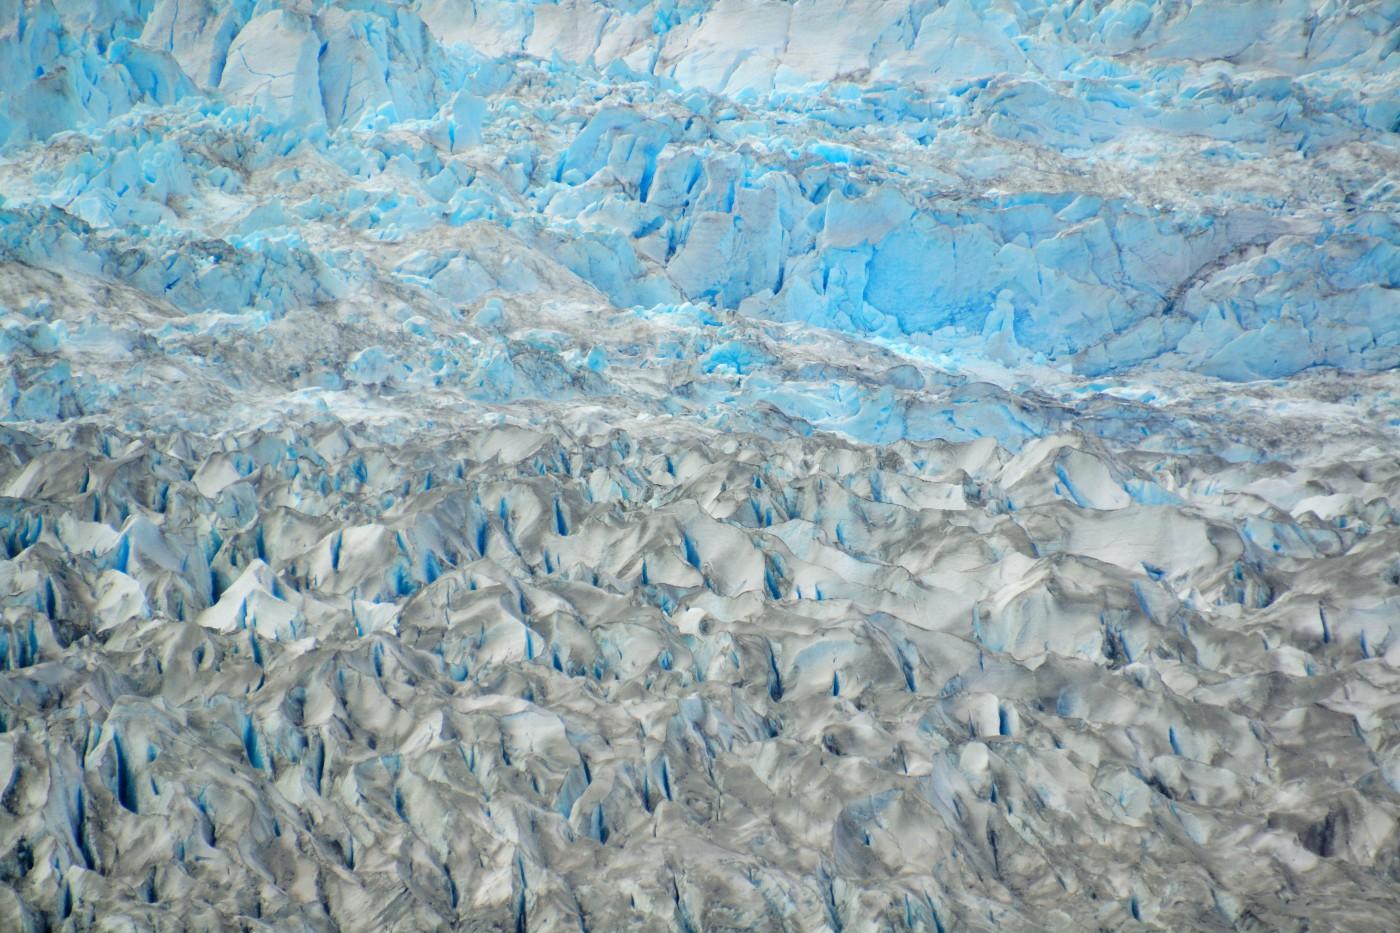 Juneau-Flug über den Gletscher